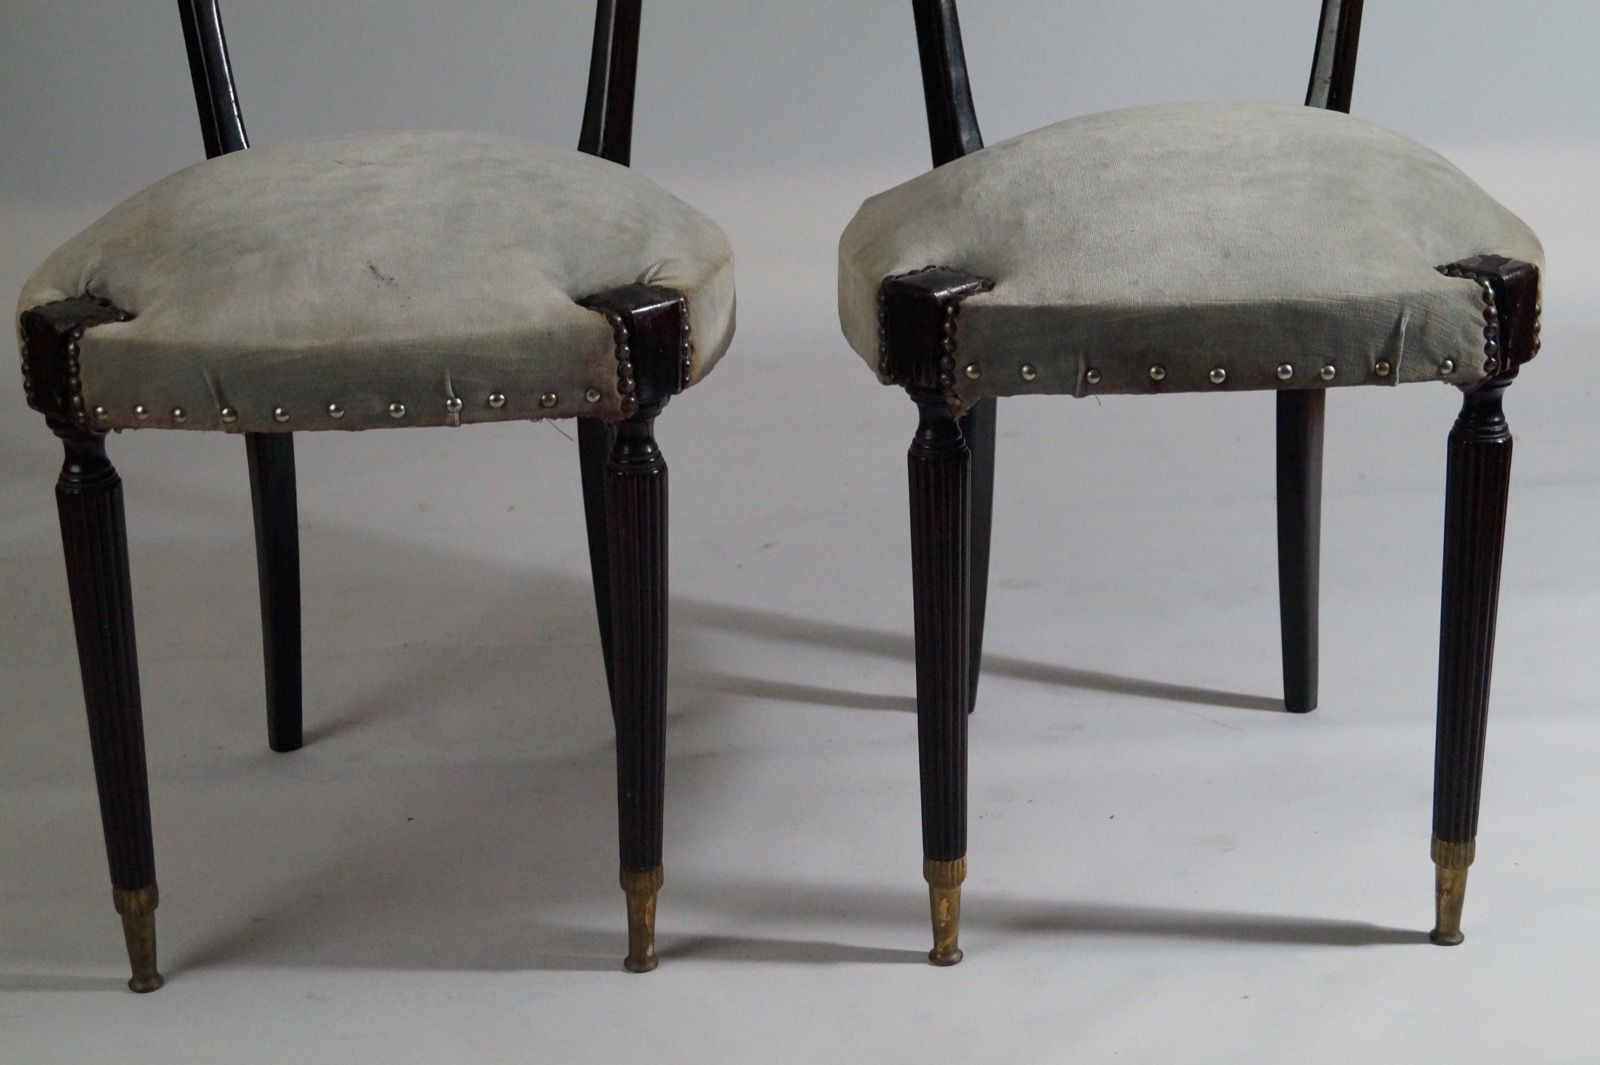 moderne schwarze st hle mit hohen r ckenlehnen von paolo. Black Bedroom Furniture Sets. Home Design Ideas